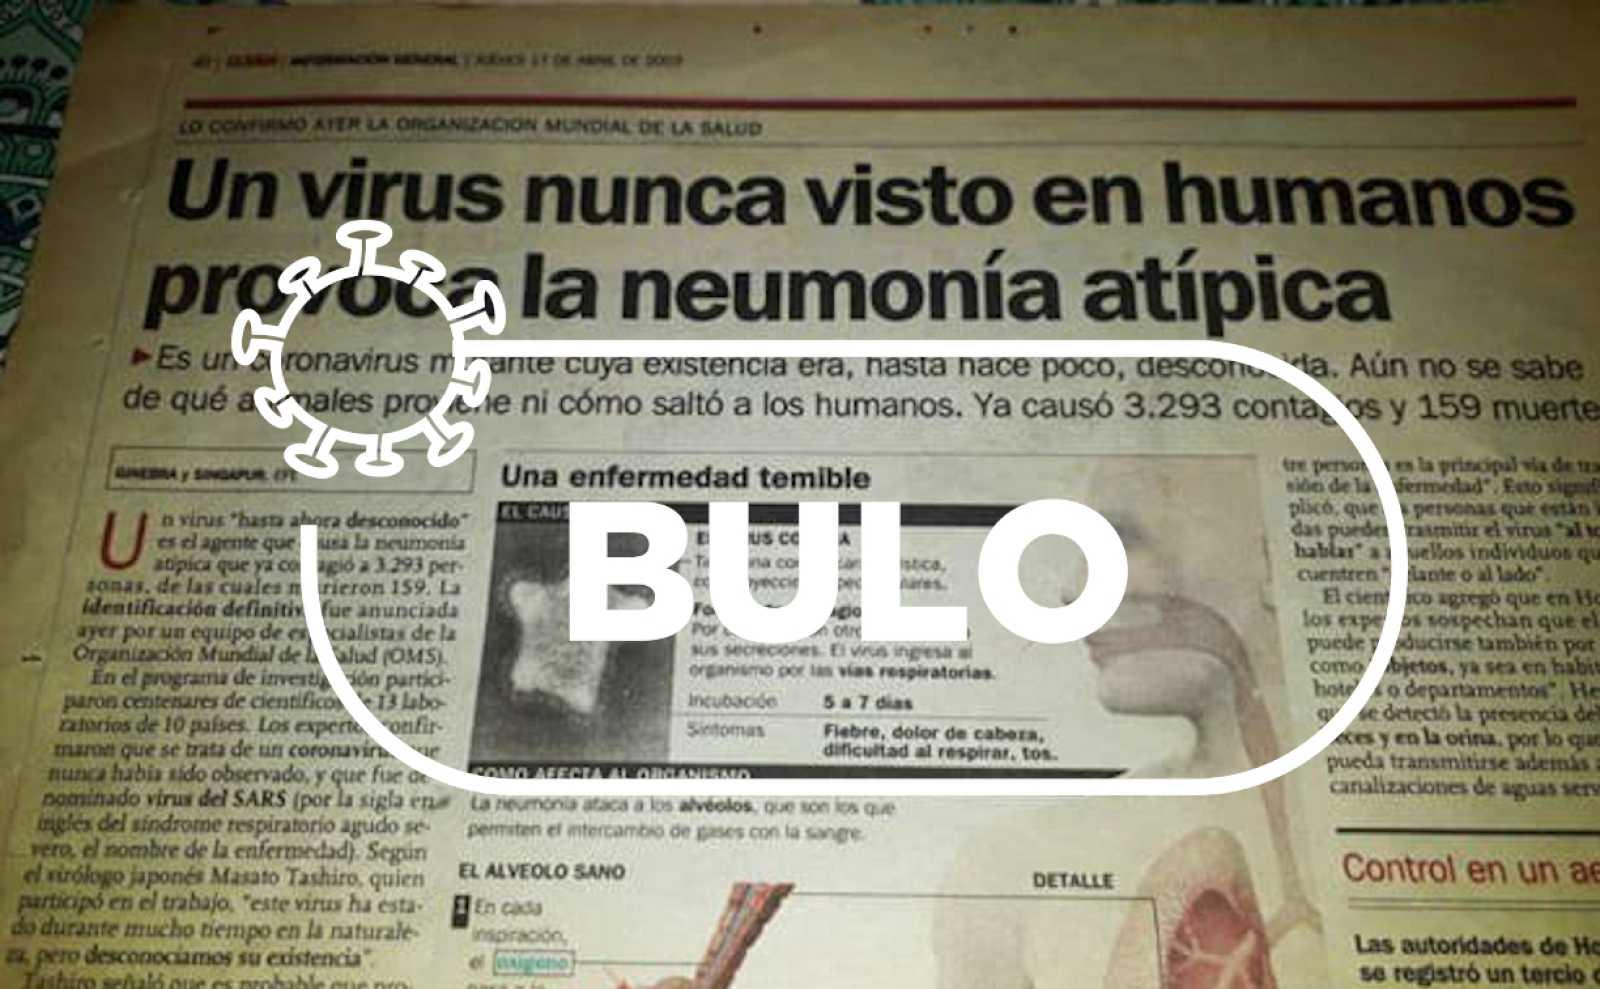 Captura del diario Clarín correspondiente a 2003 en el que se habla del coronavirus SARS con el sello de bulo.